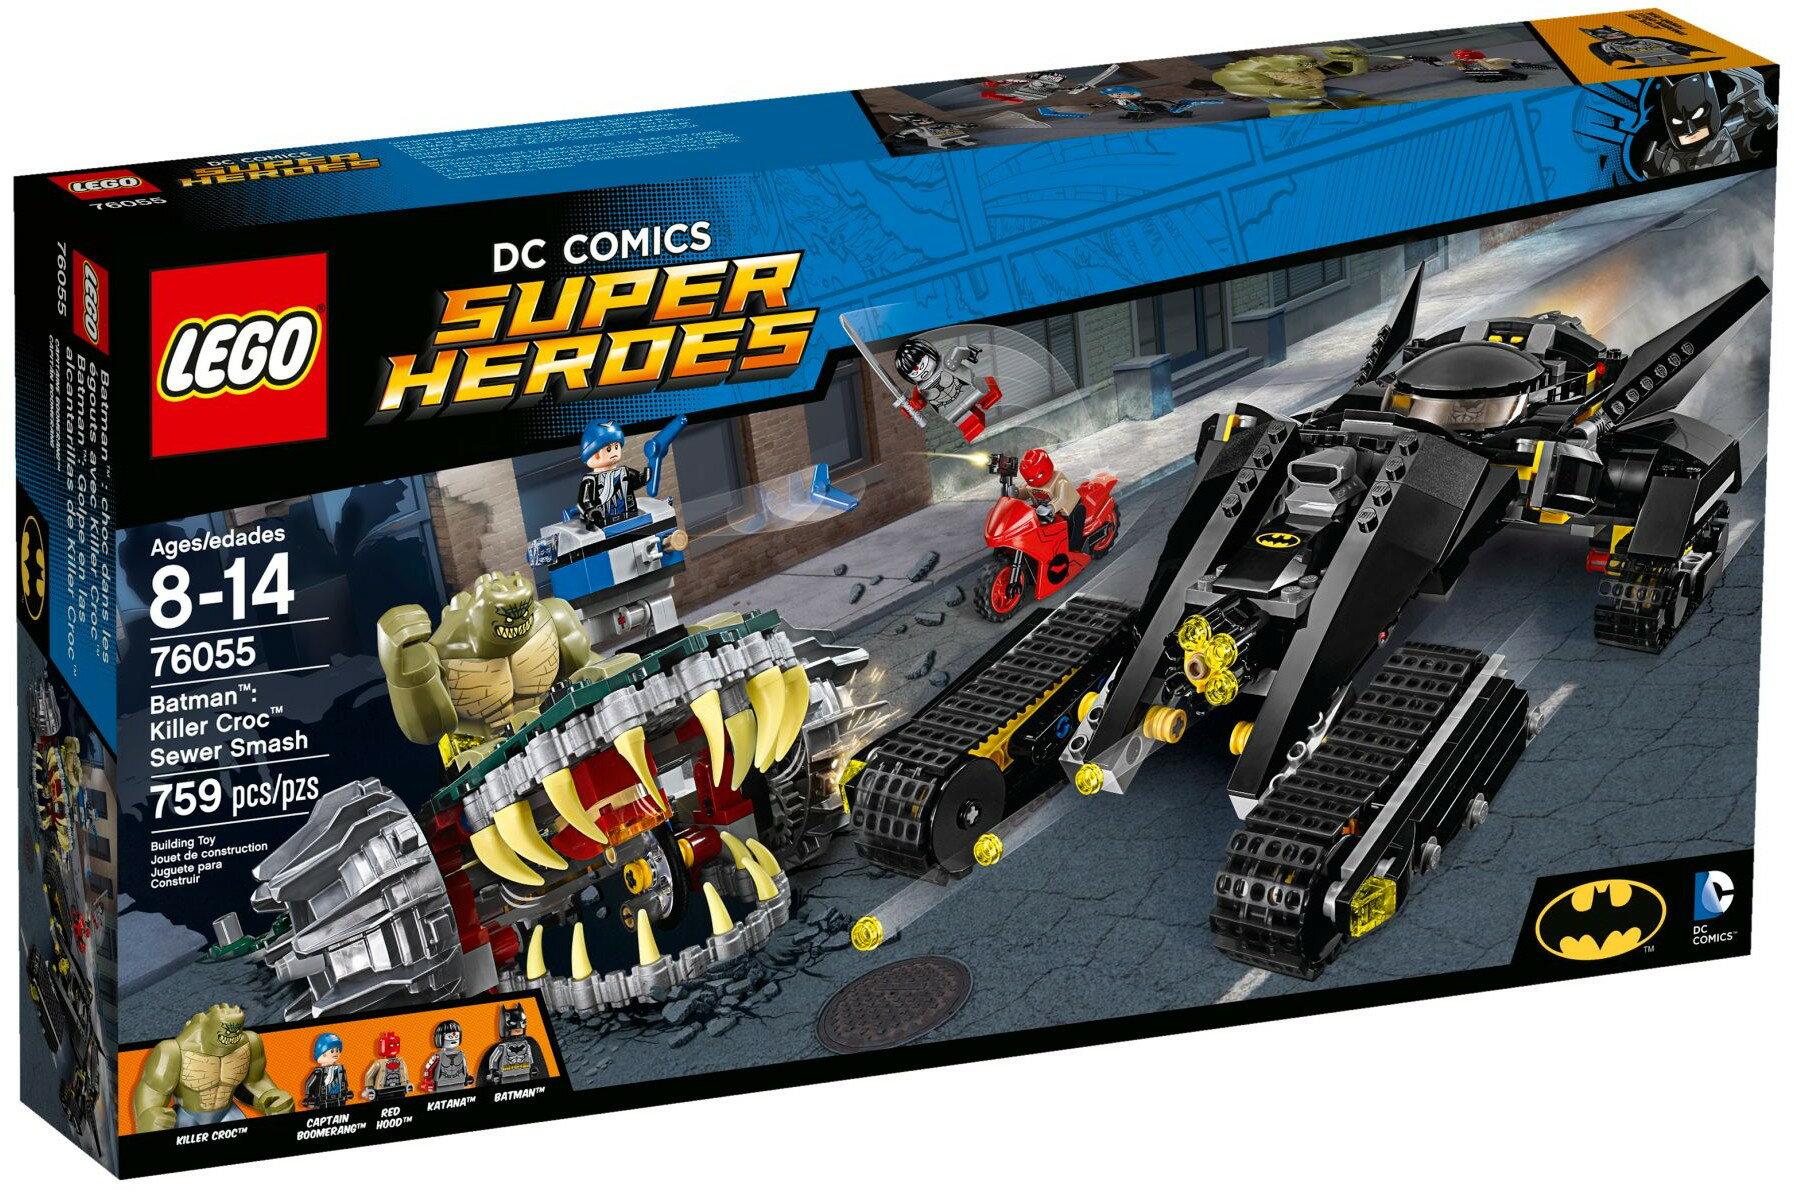 【瞎買天堂x3/3到貨】樂高 LEGO 蝙蝠俠 Killer Croc Sewer Sma 76055【TYLEBM04】